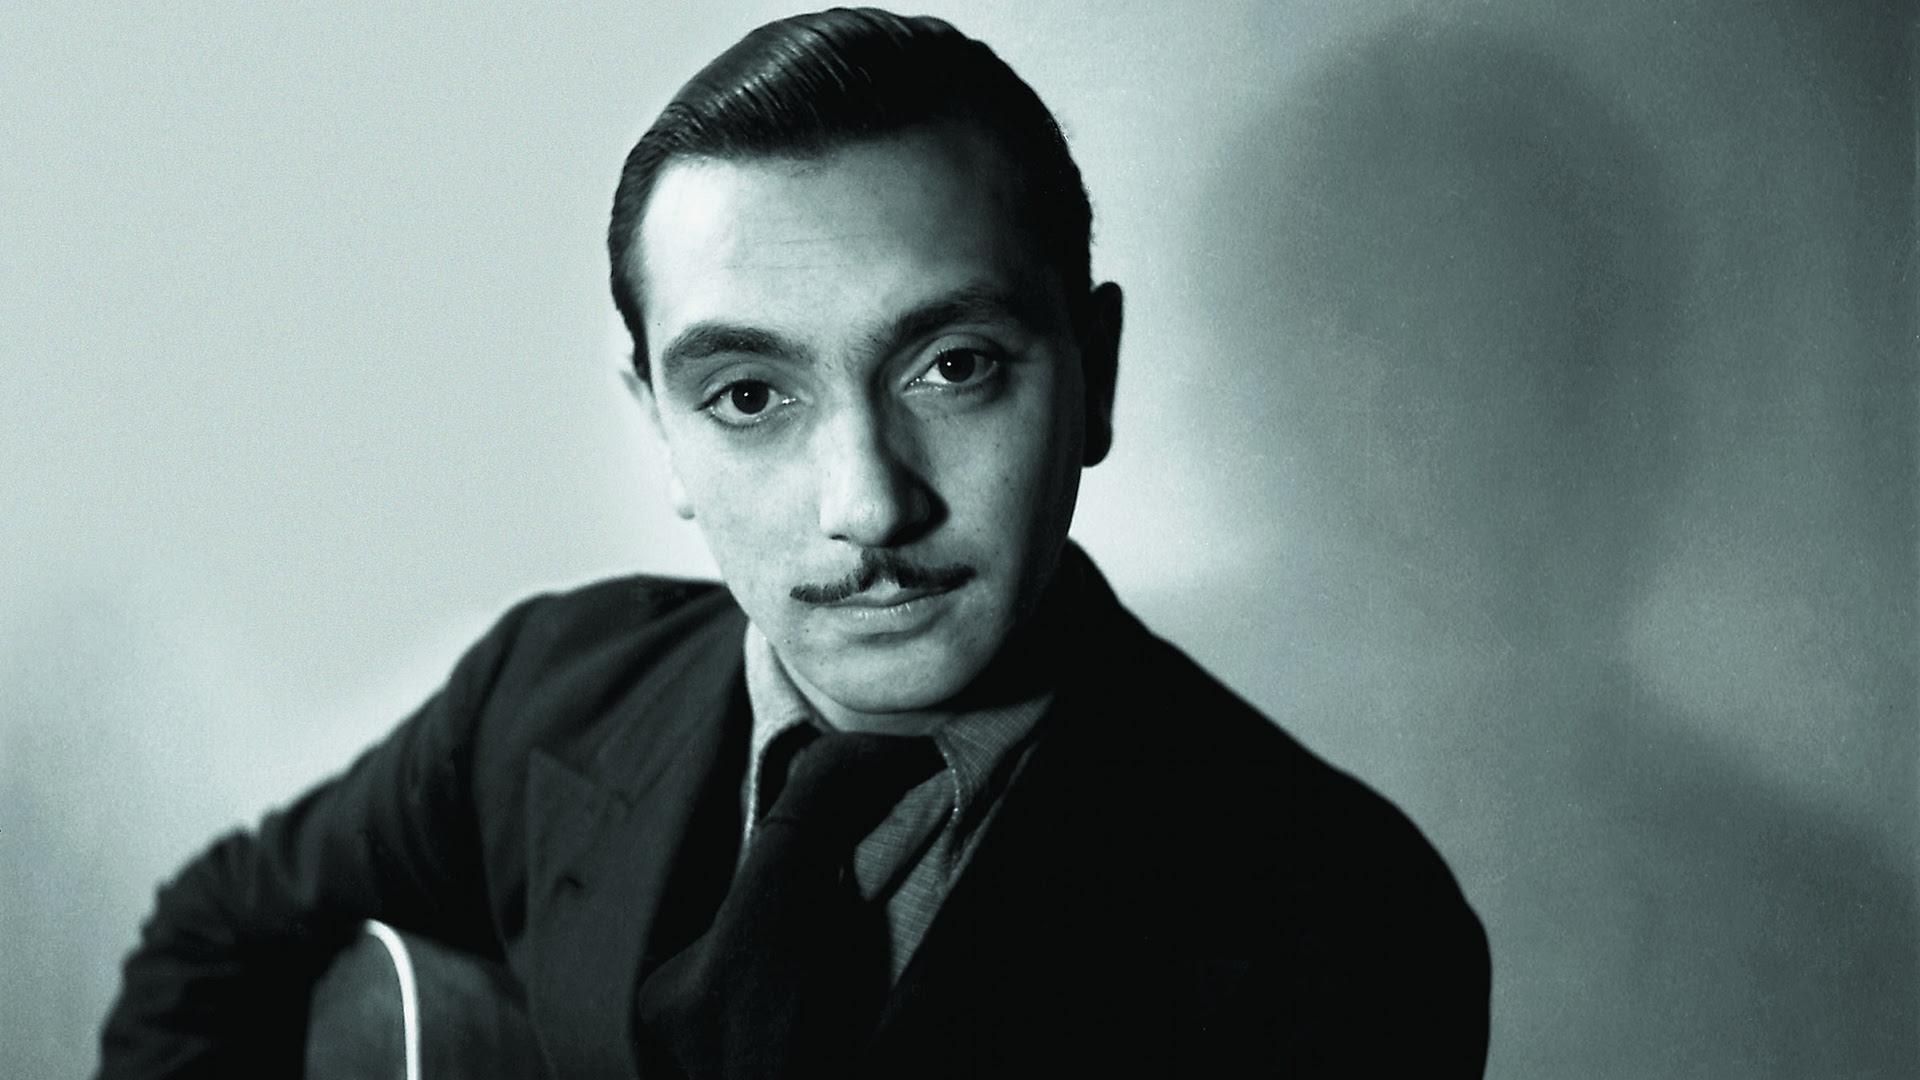 Django Reinhardt Young Portrait